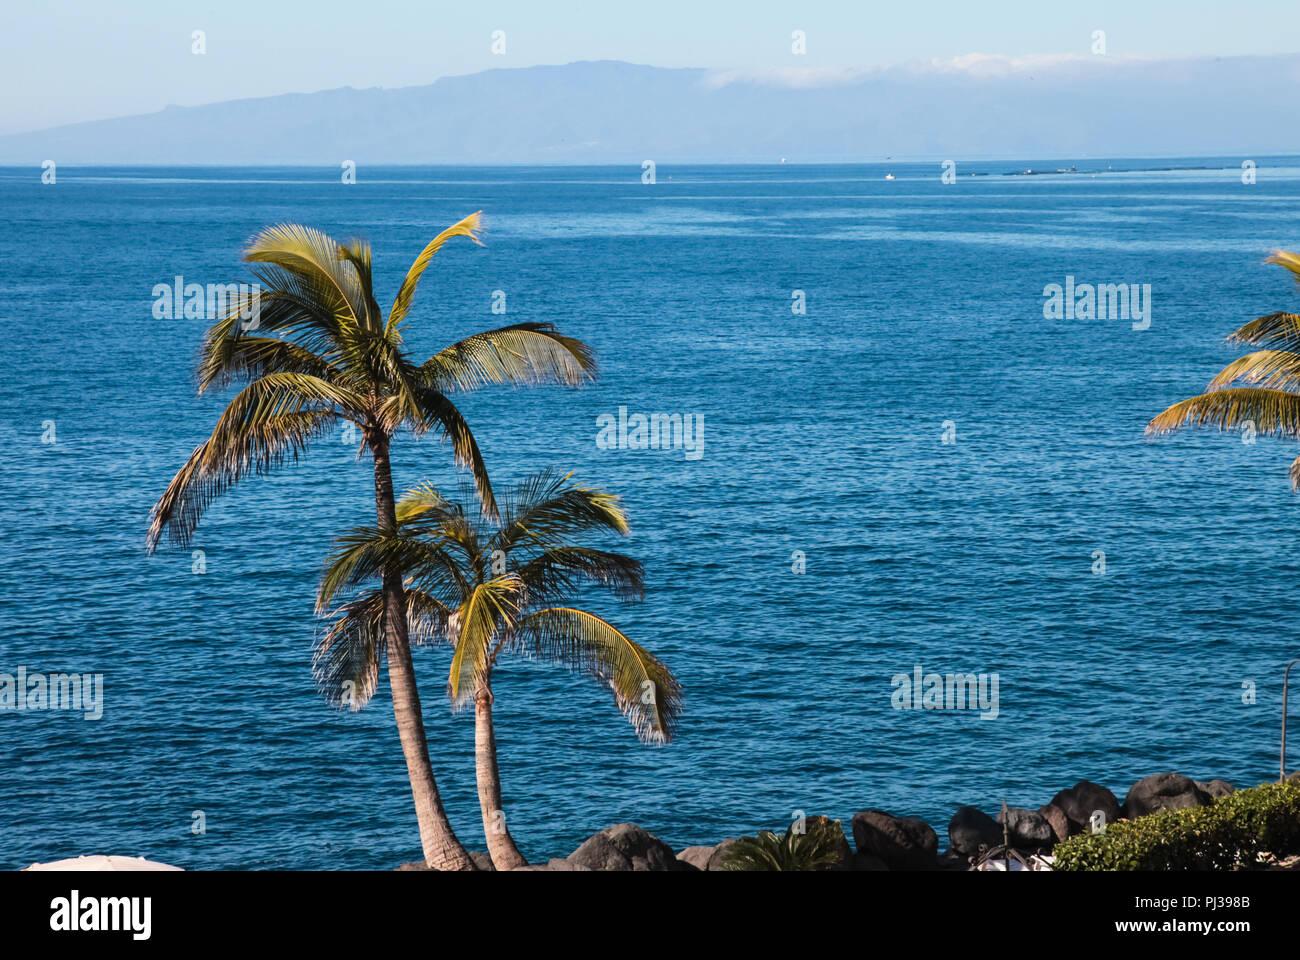 Palmeras en la costa del mar. Palmeras en la costa del mar Imagen De Stock